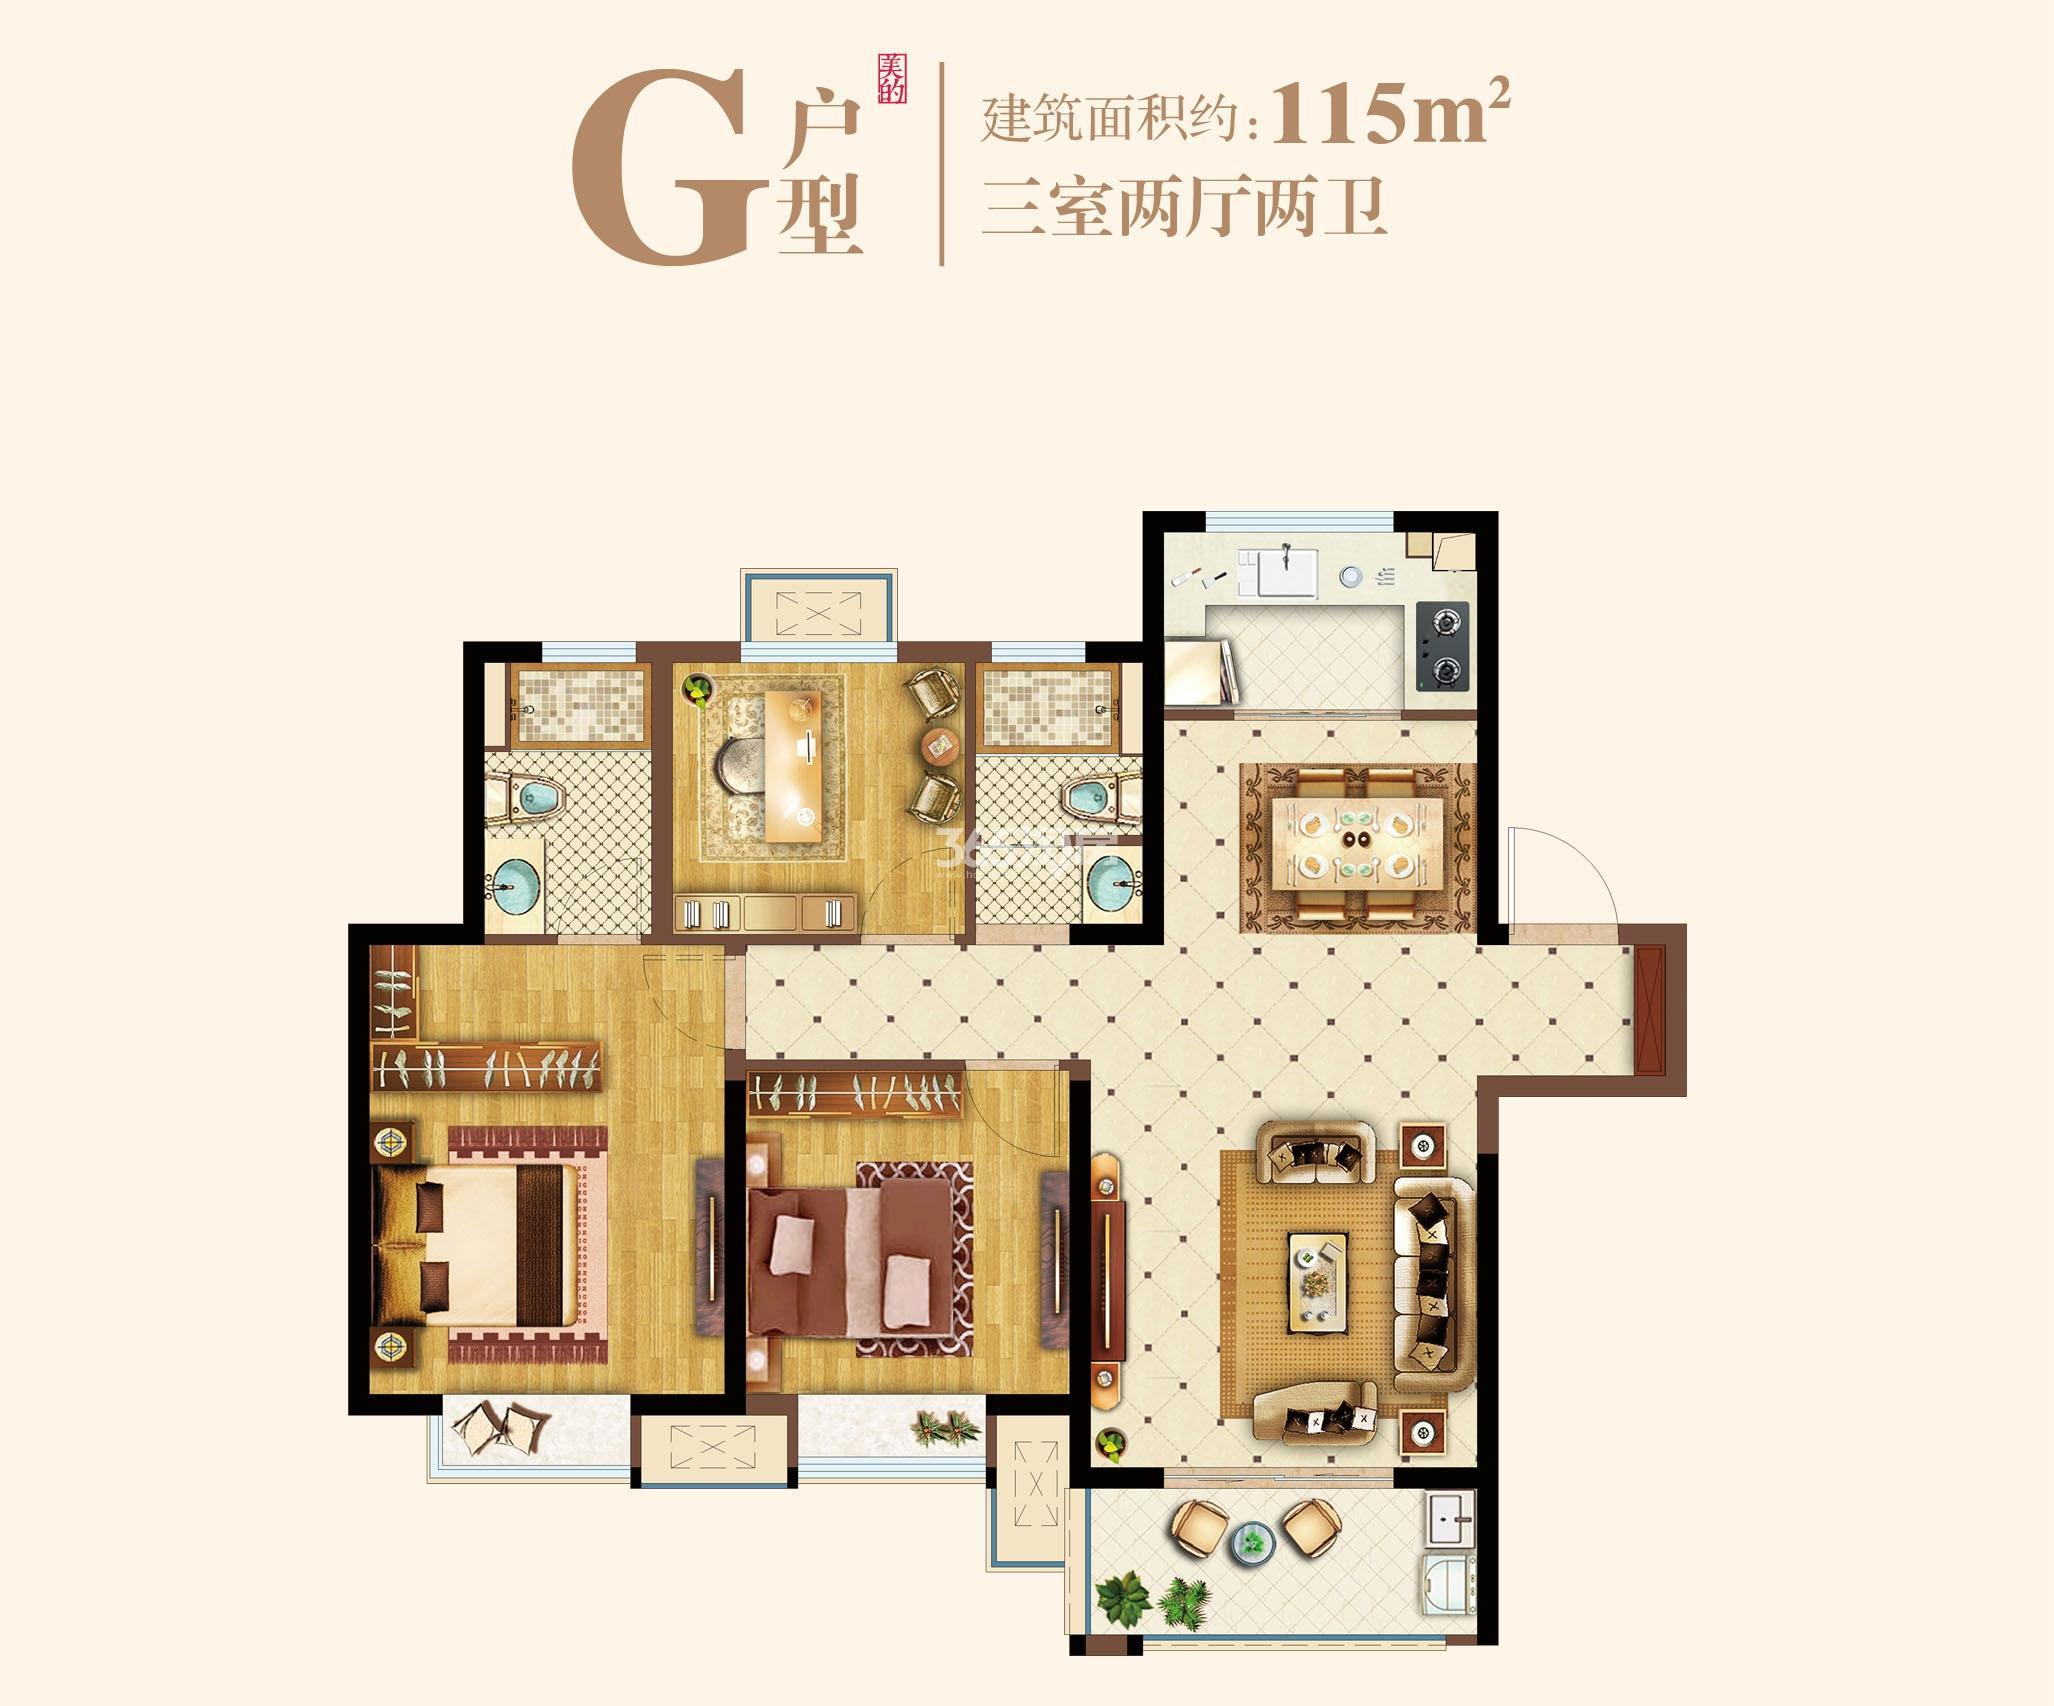 高层G户型115㎡三室两厅两卫